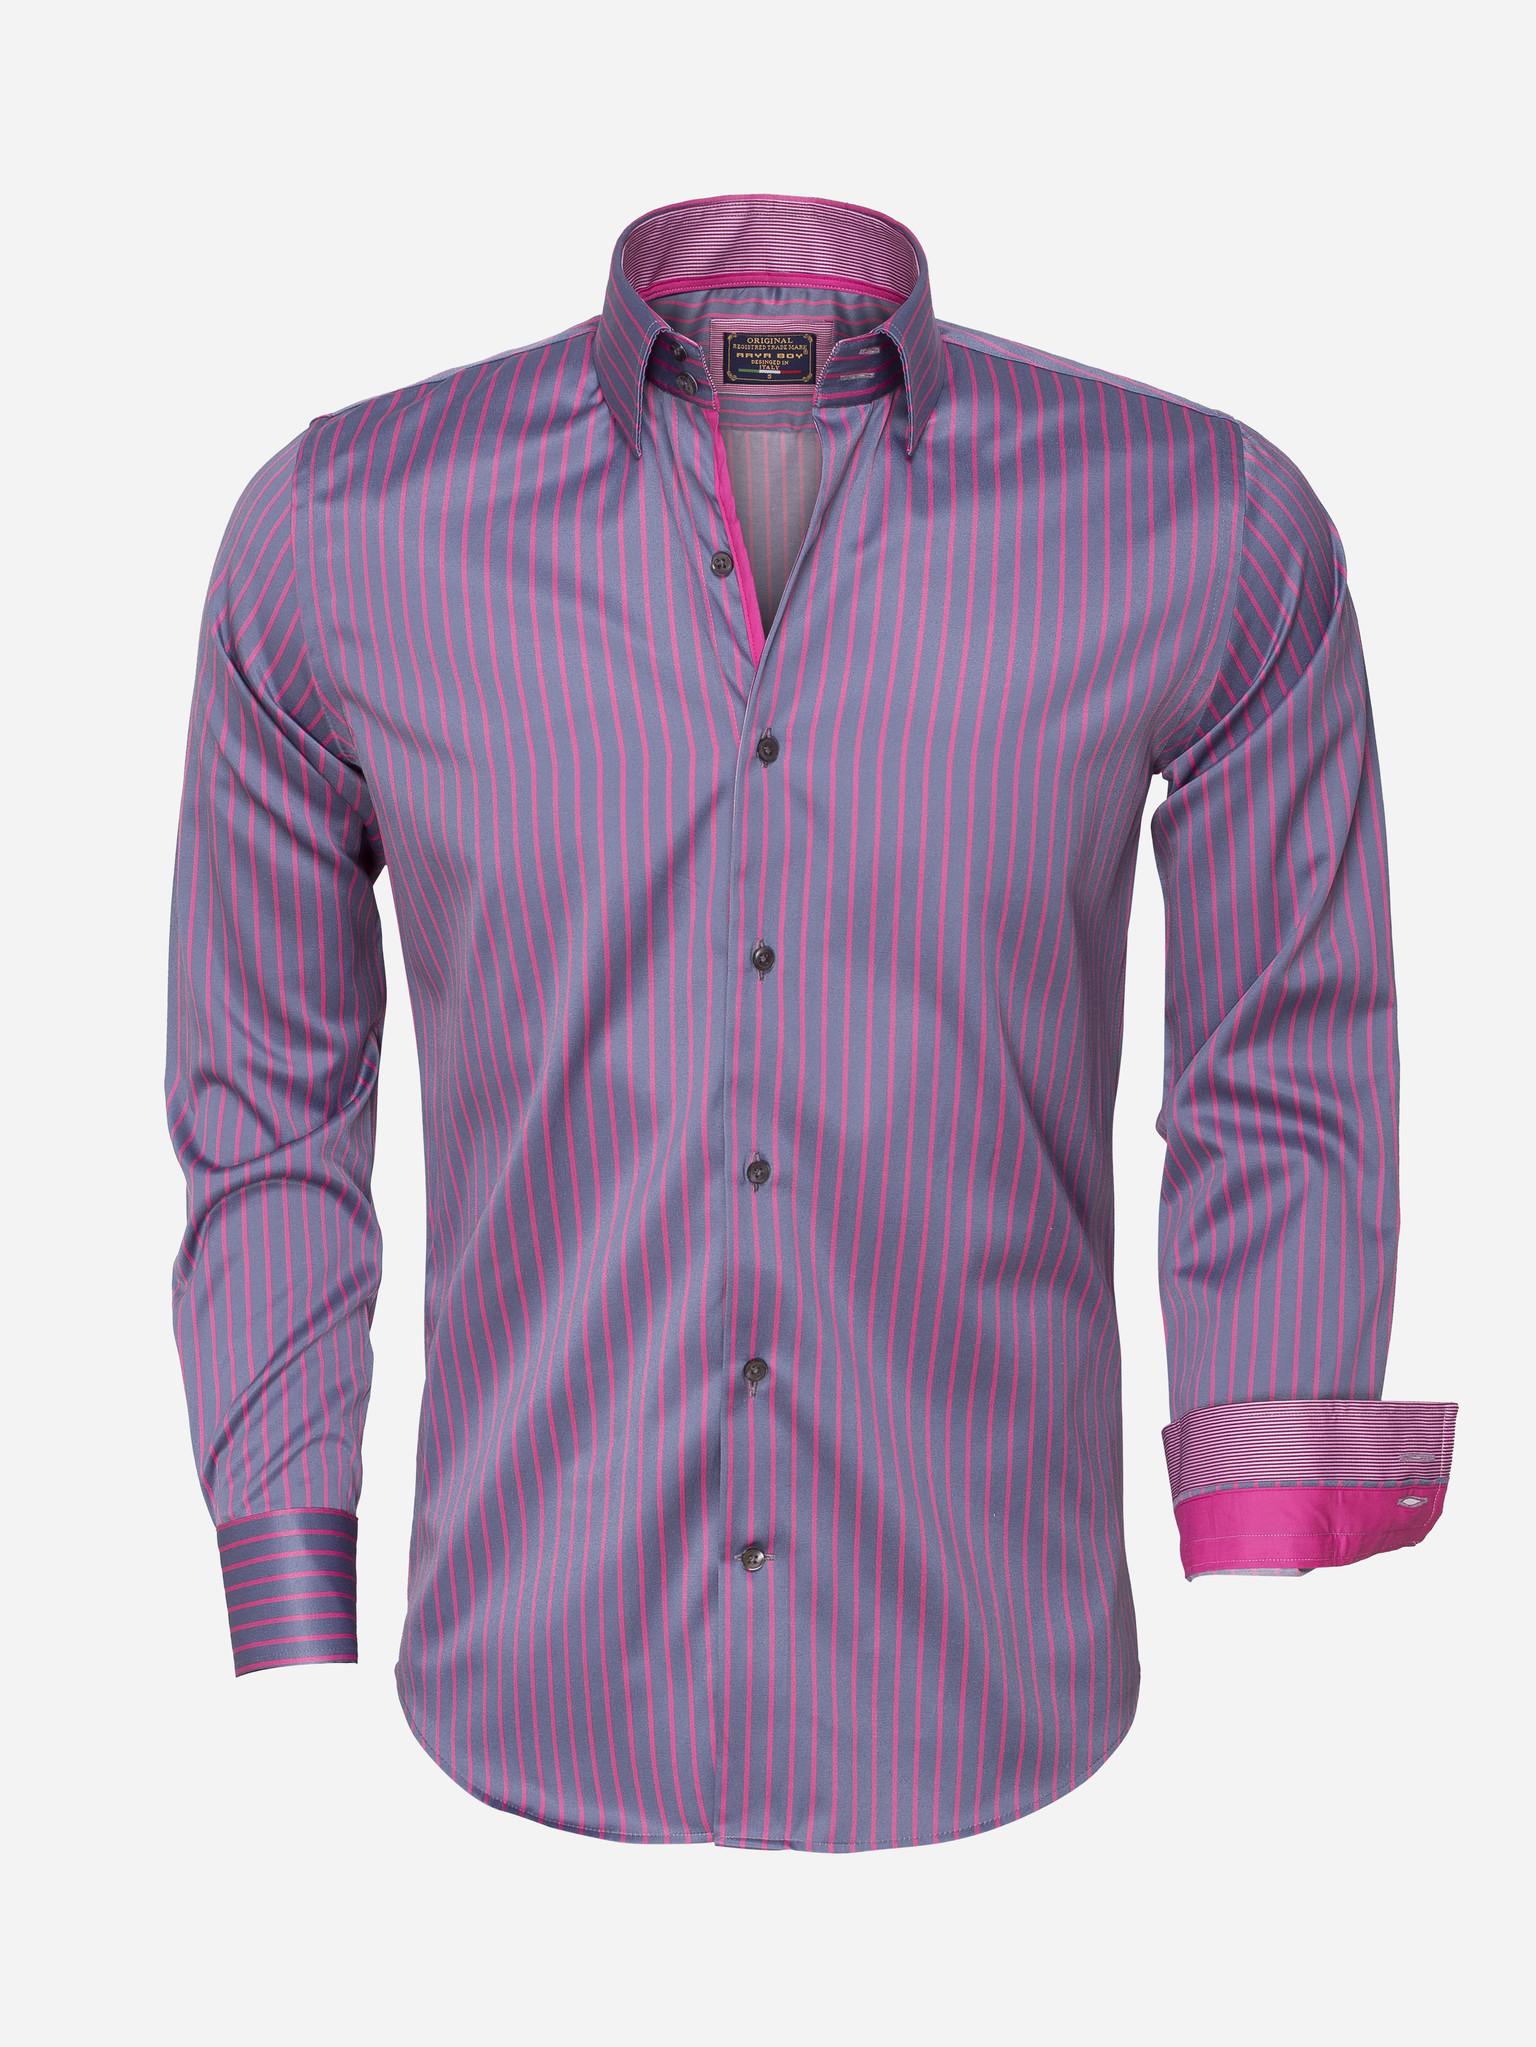 Arya Boy Overhemd Lange Mouw  85266 Steel Grey Maat: S